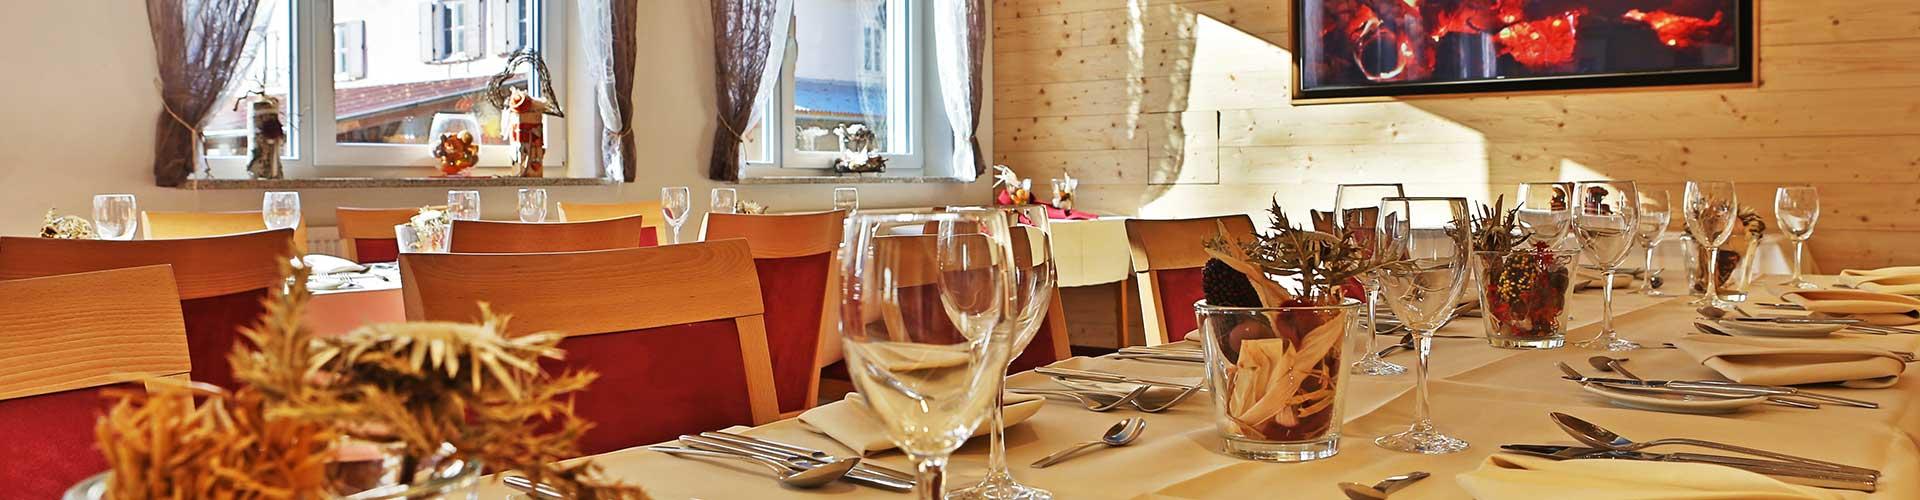 Hotel Rössle Berneck: Feiern Sie Ihre Feste bei uns!